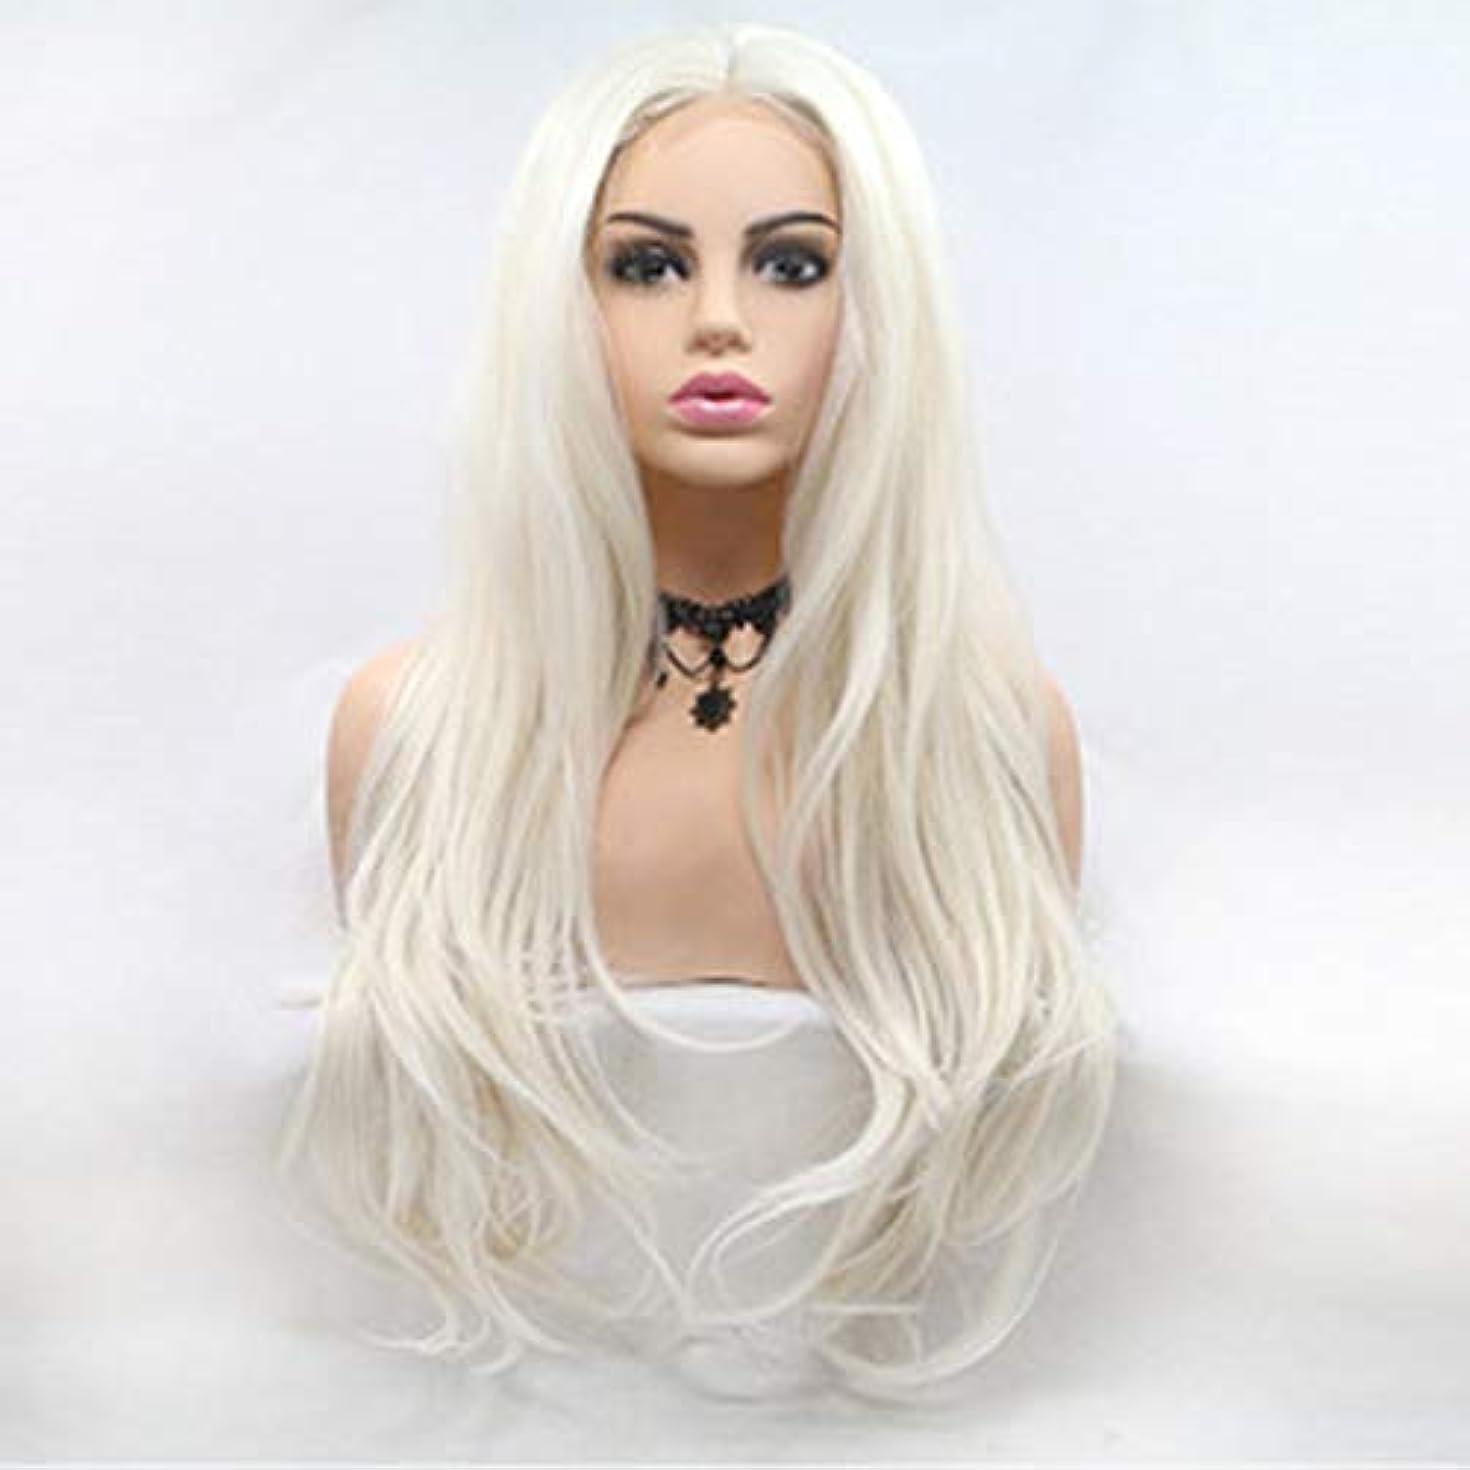 スリップ印刷する敬の念ヘアピース 女性のヨーロッパとアメリカの化学繊維のレースの長い巻き毛の白いかつらは、かつらを染めることができます